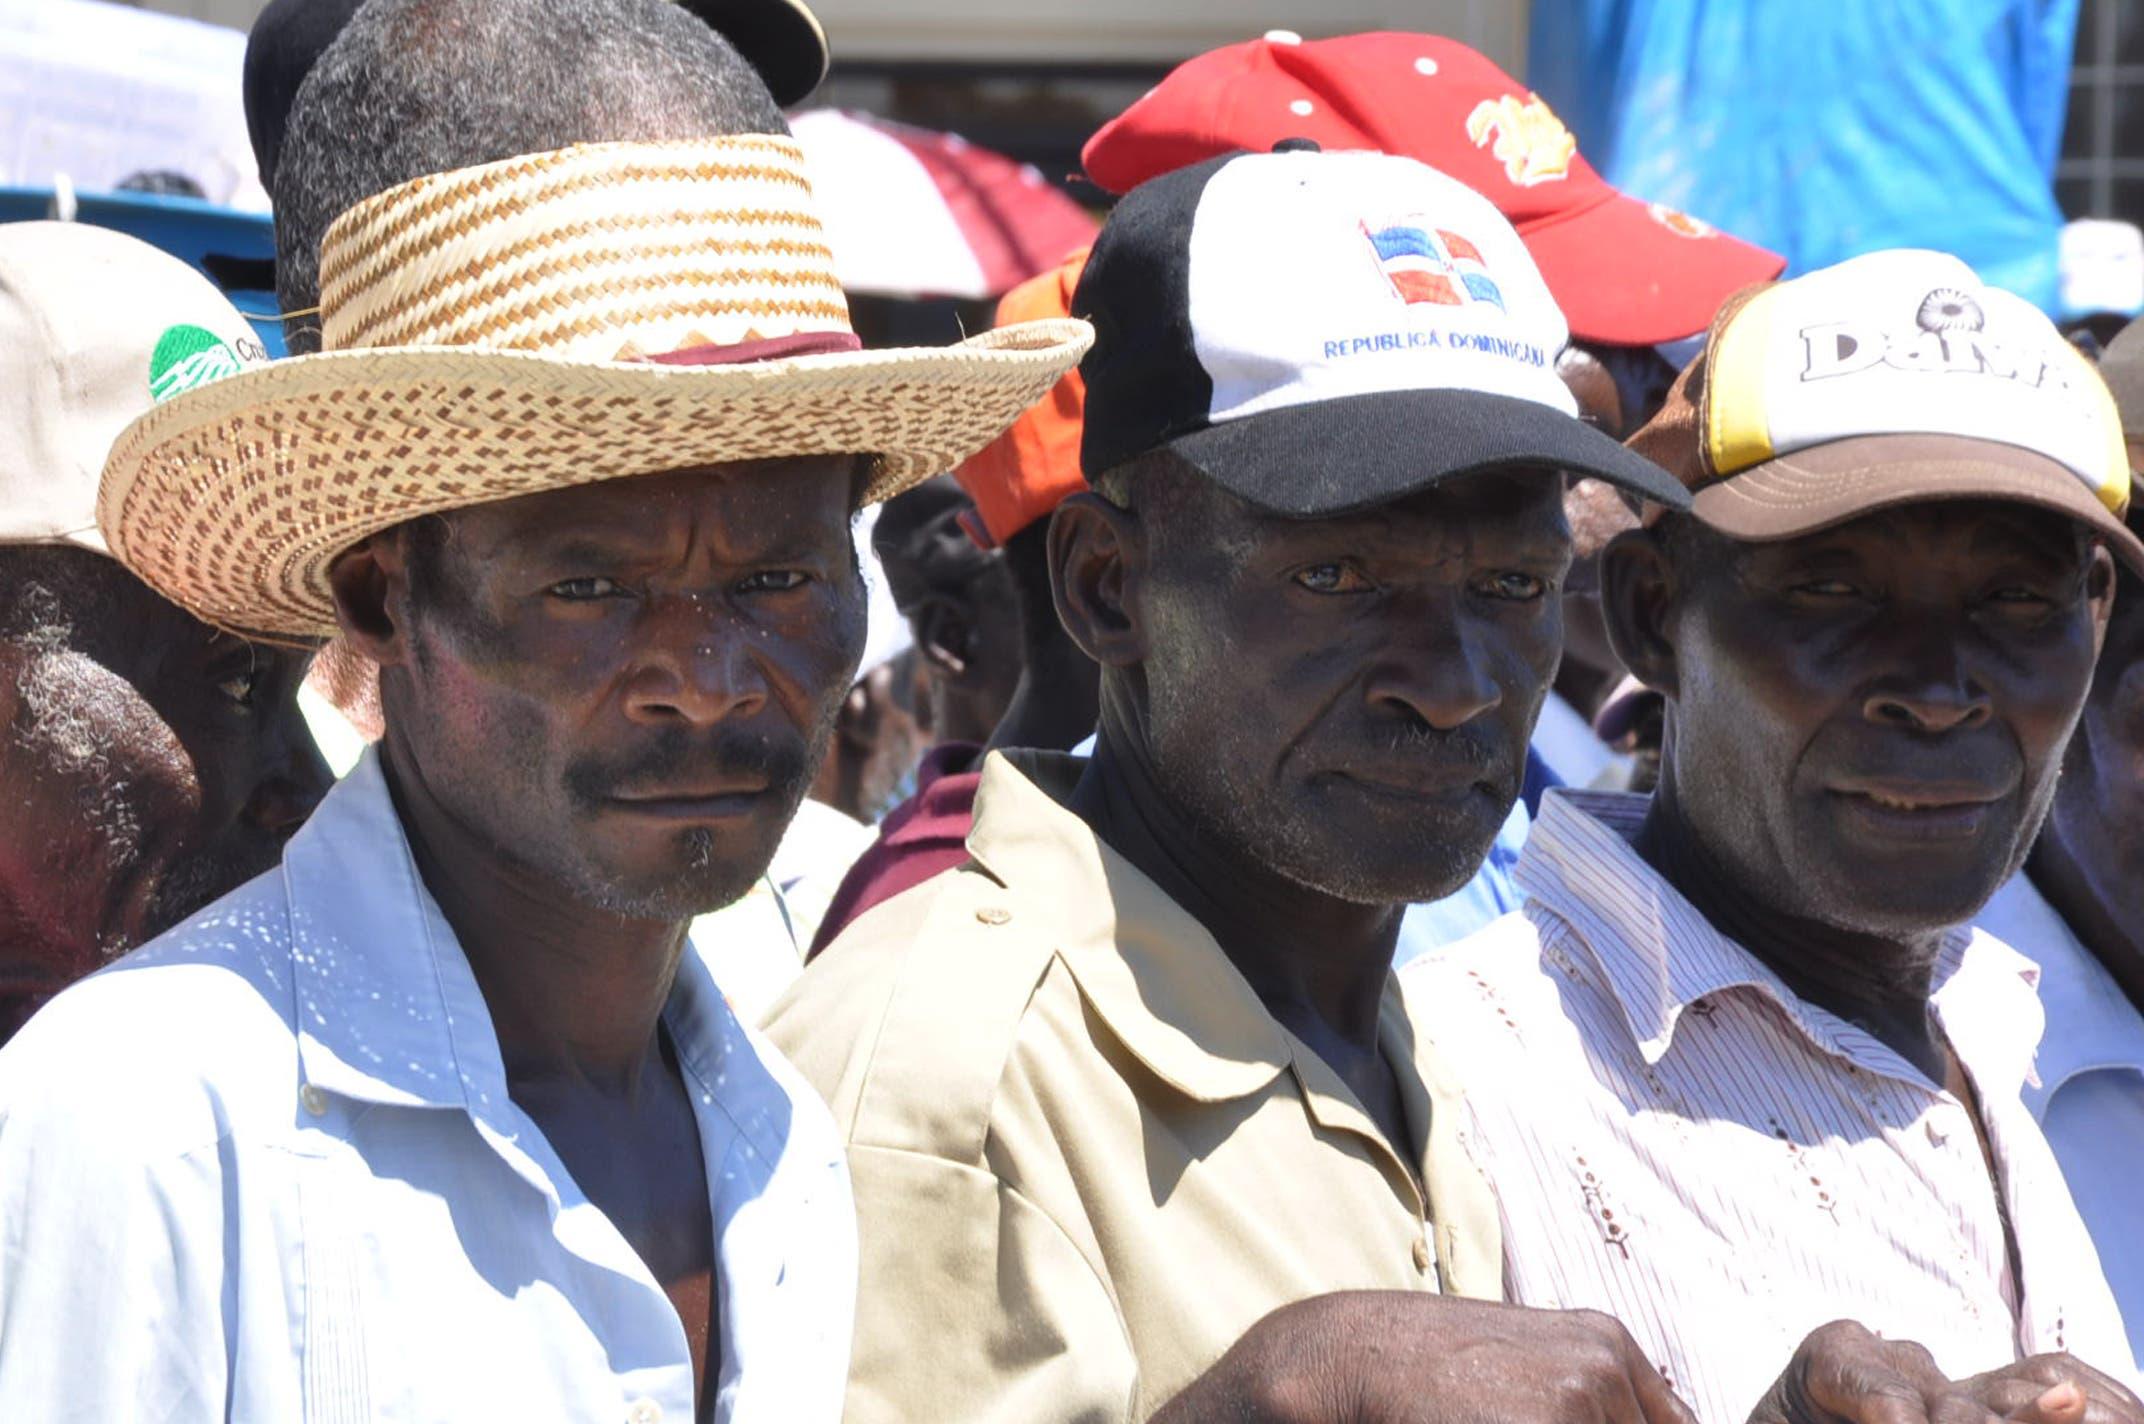 Cientos de cañeros marcharon hacia Embajada de Haití; exigen documentos